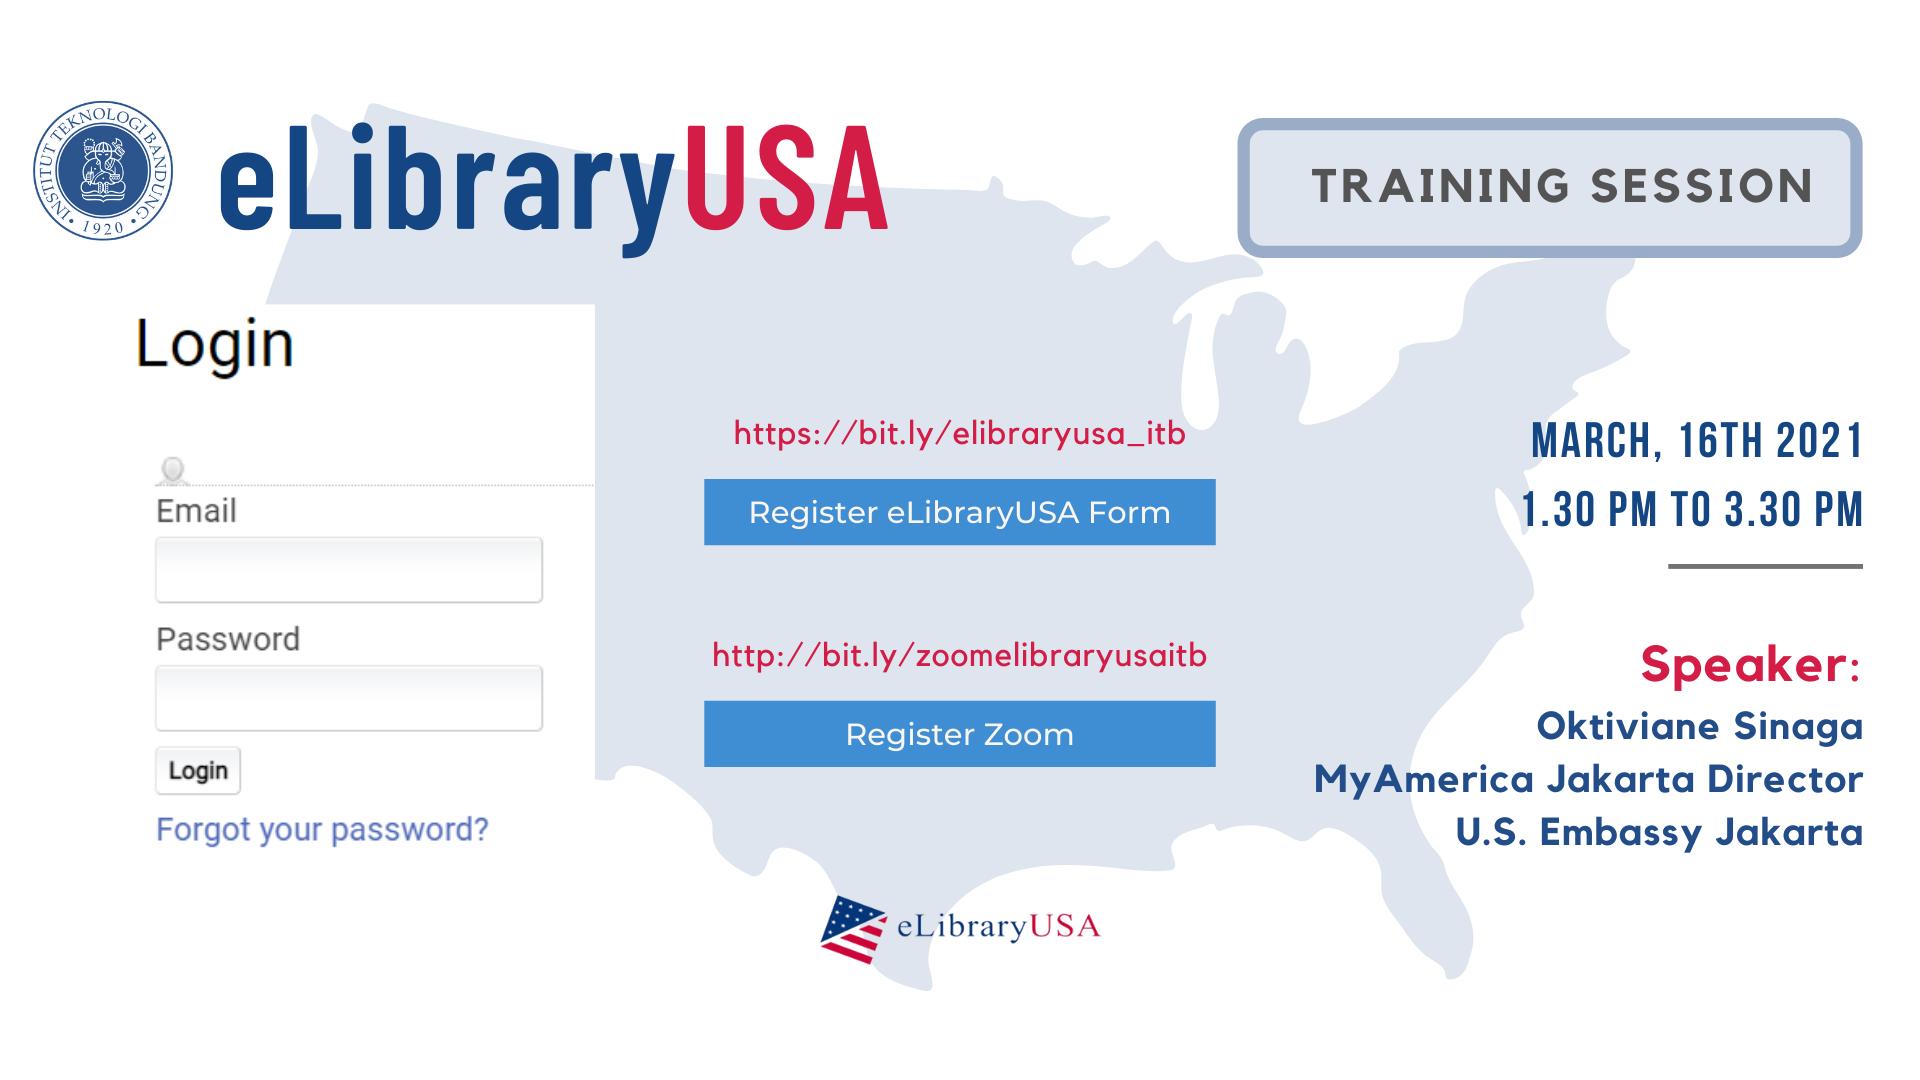 eLibraryUSA Training Session